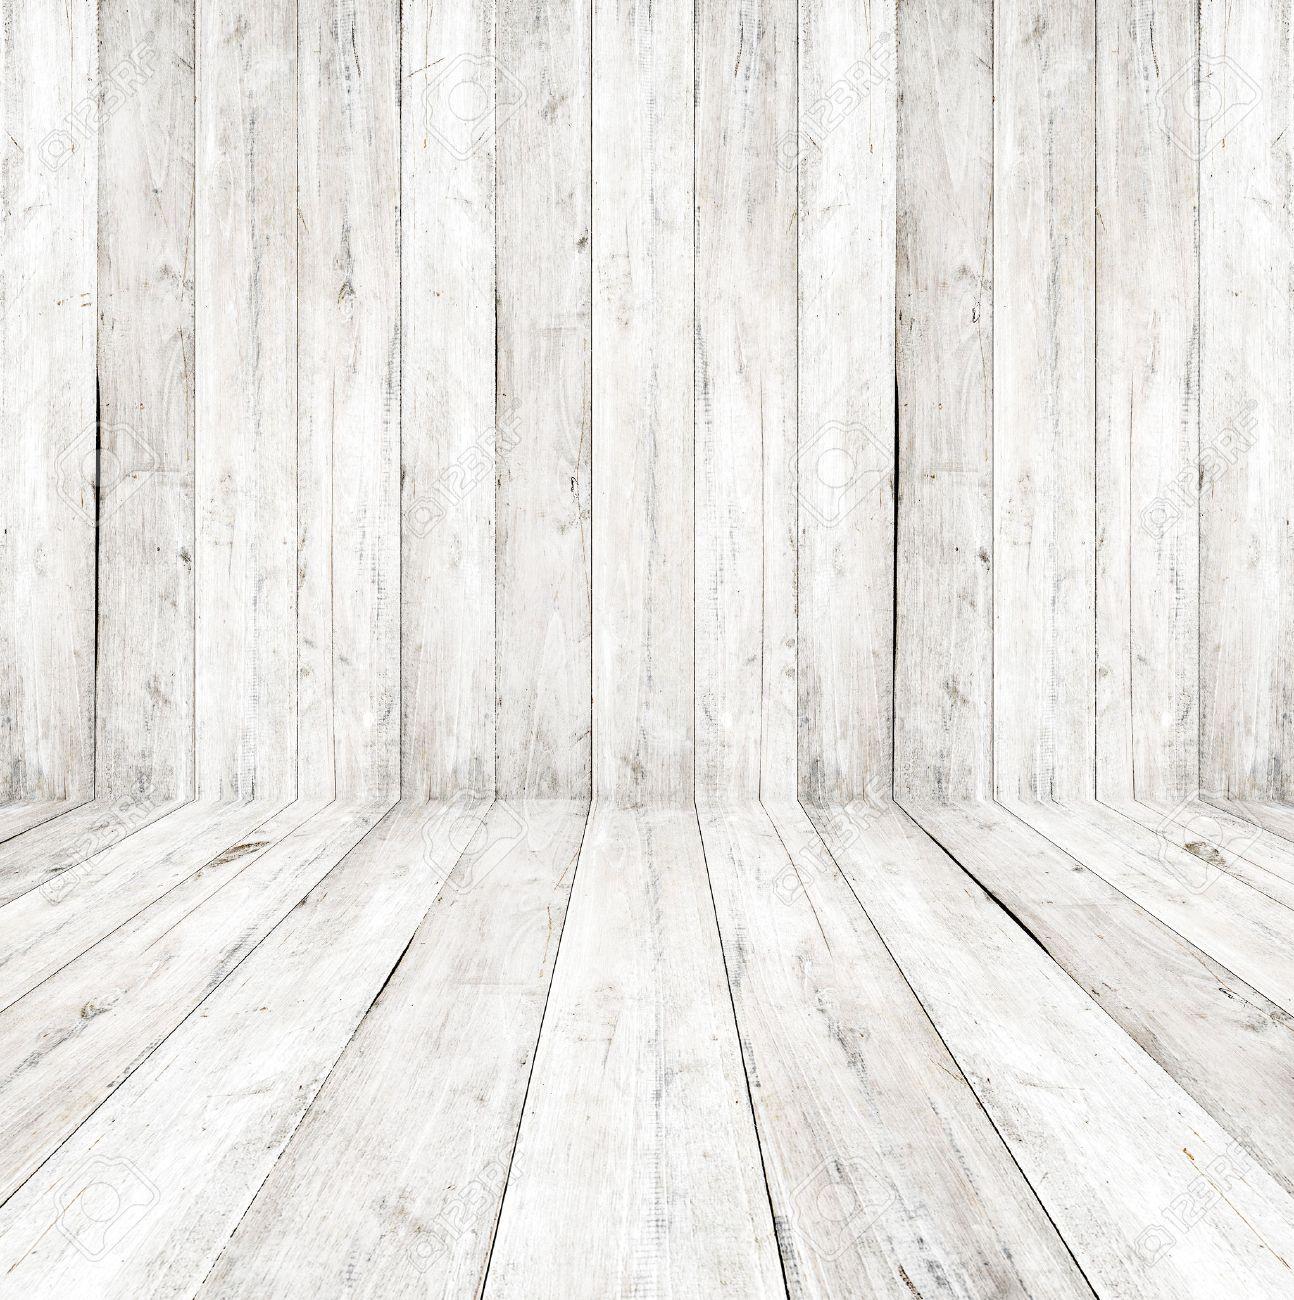 Vider Un Int Rieur Blanc De La Salle Vintage Mur En Bois Gris Et